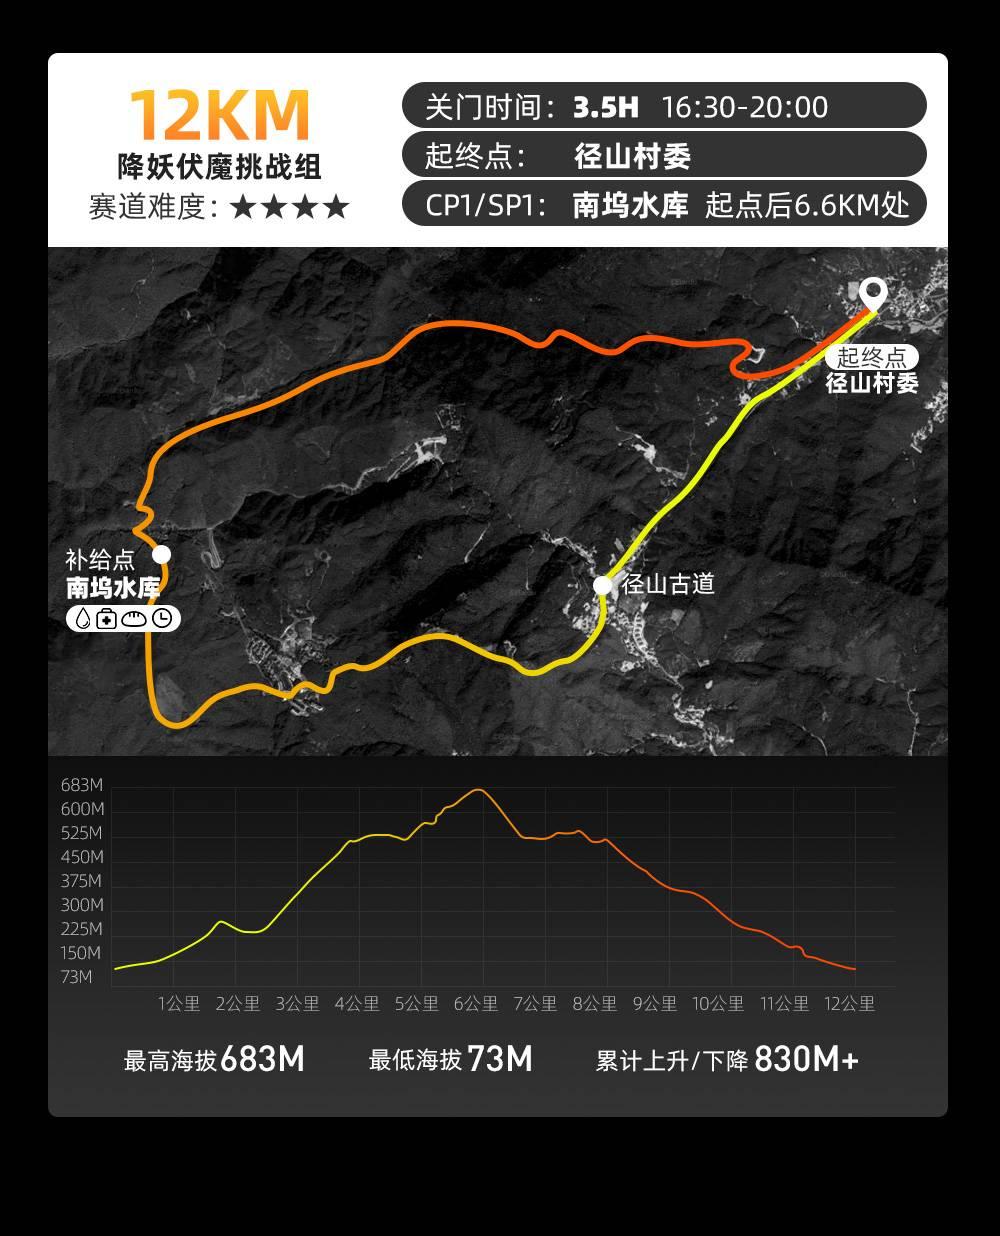 跑山节地图_03.jpg